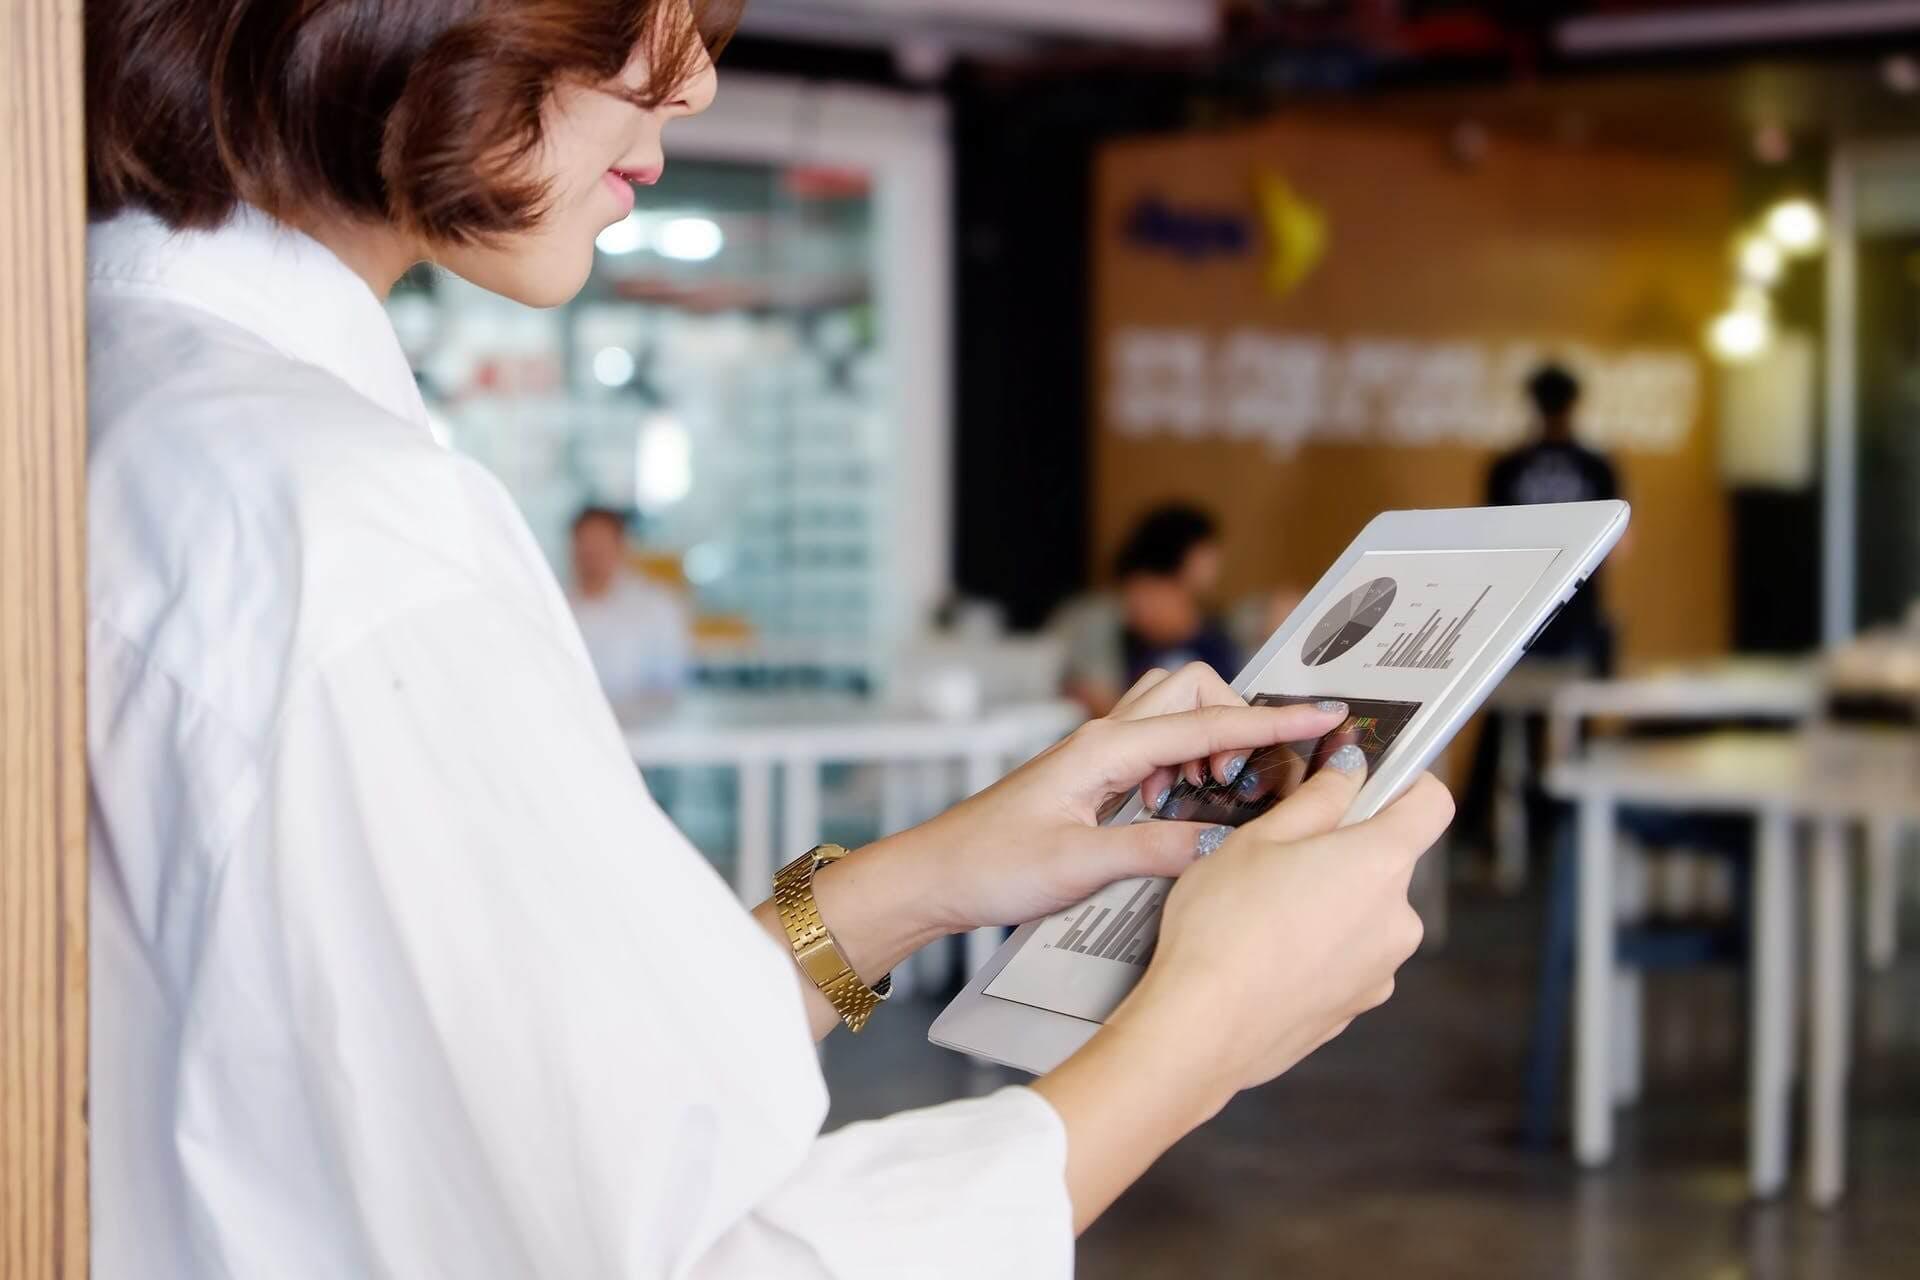 Femme avec une chemise blanche qui tient un ipad avec des graphiques